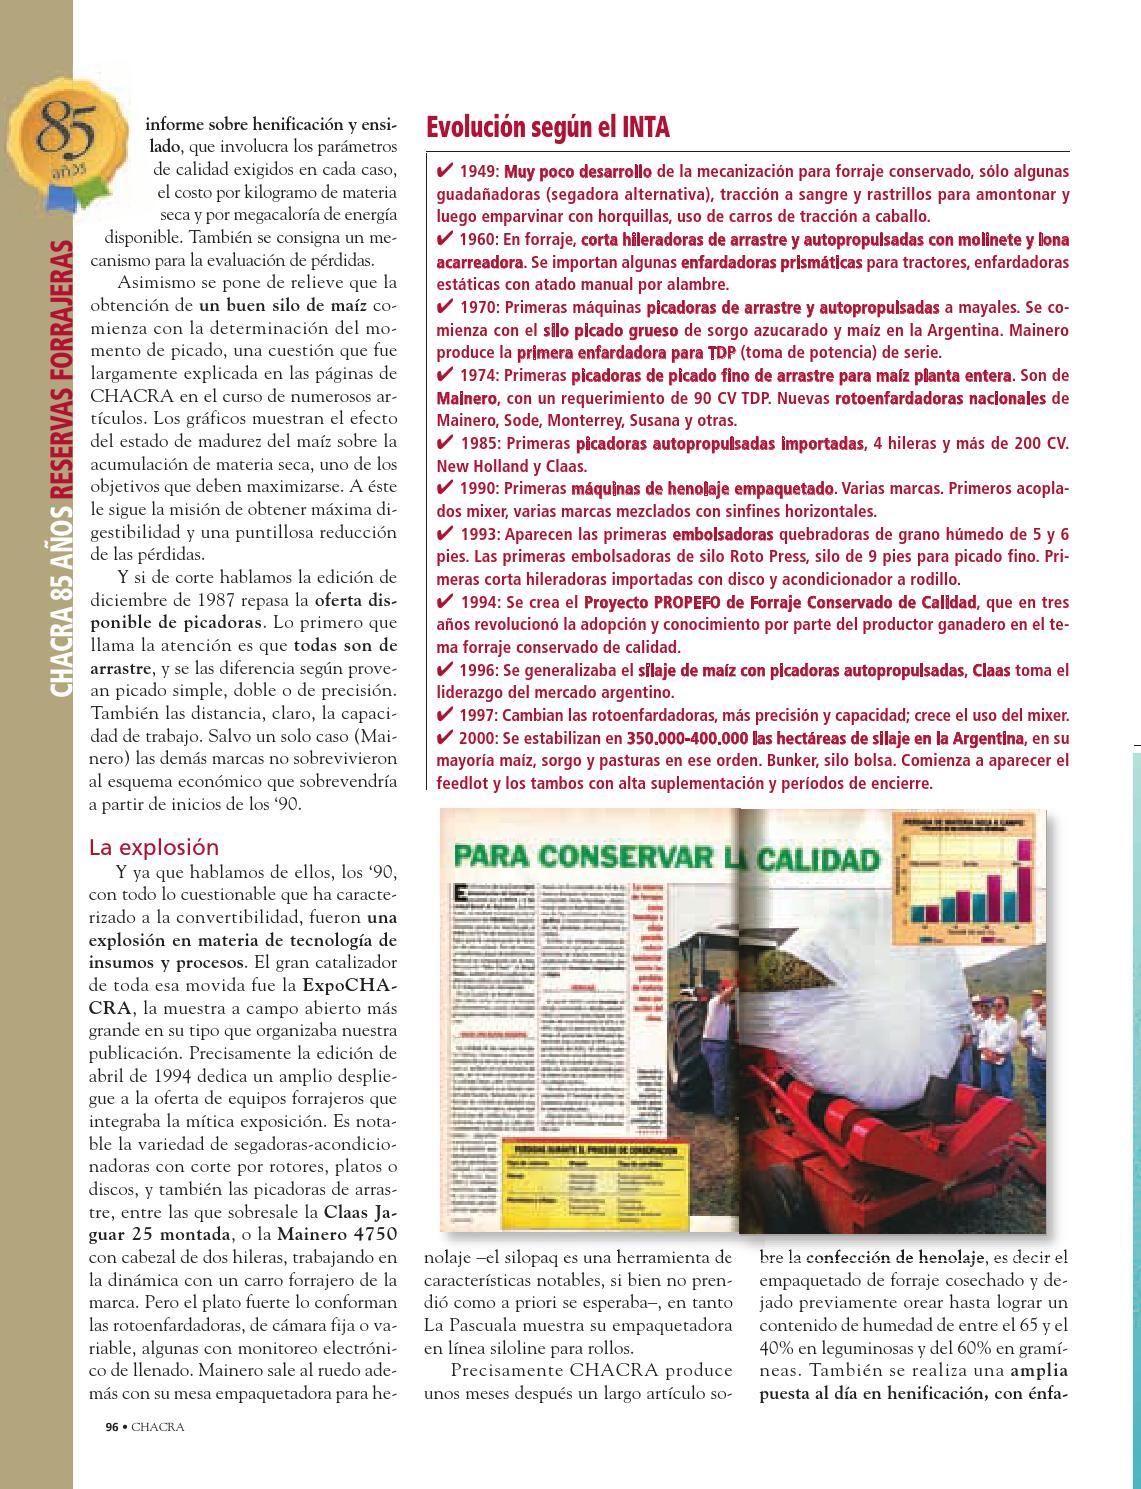 Revista Chacra Nº 1019 - Octubre 2015